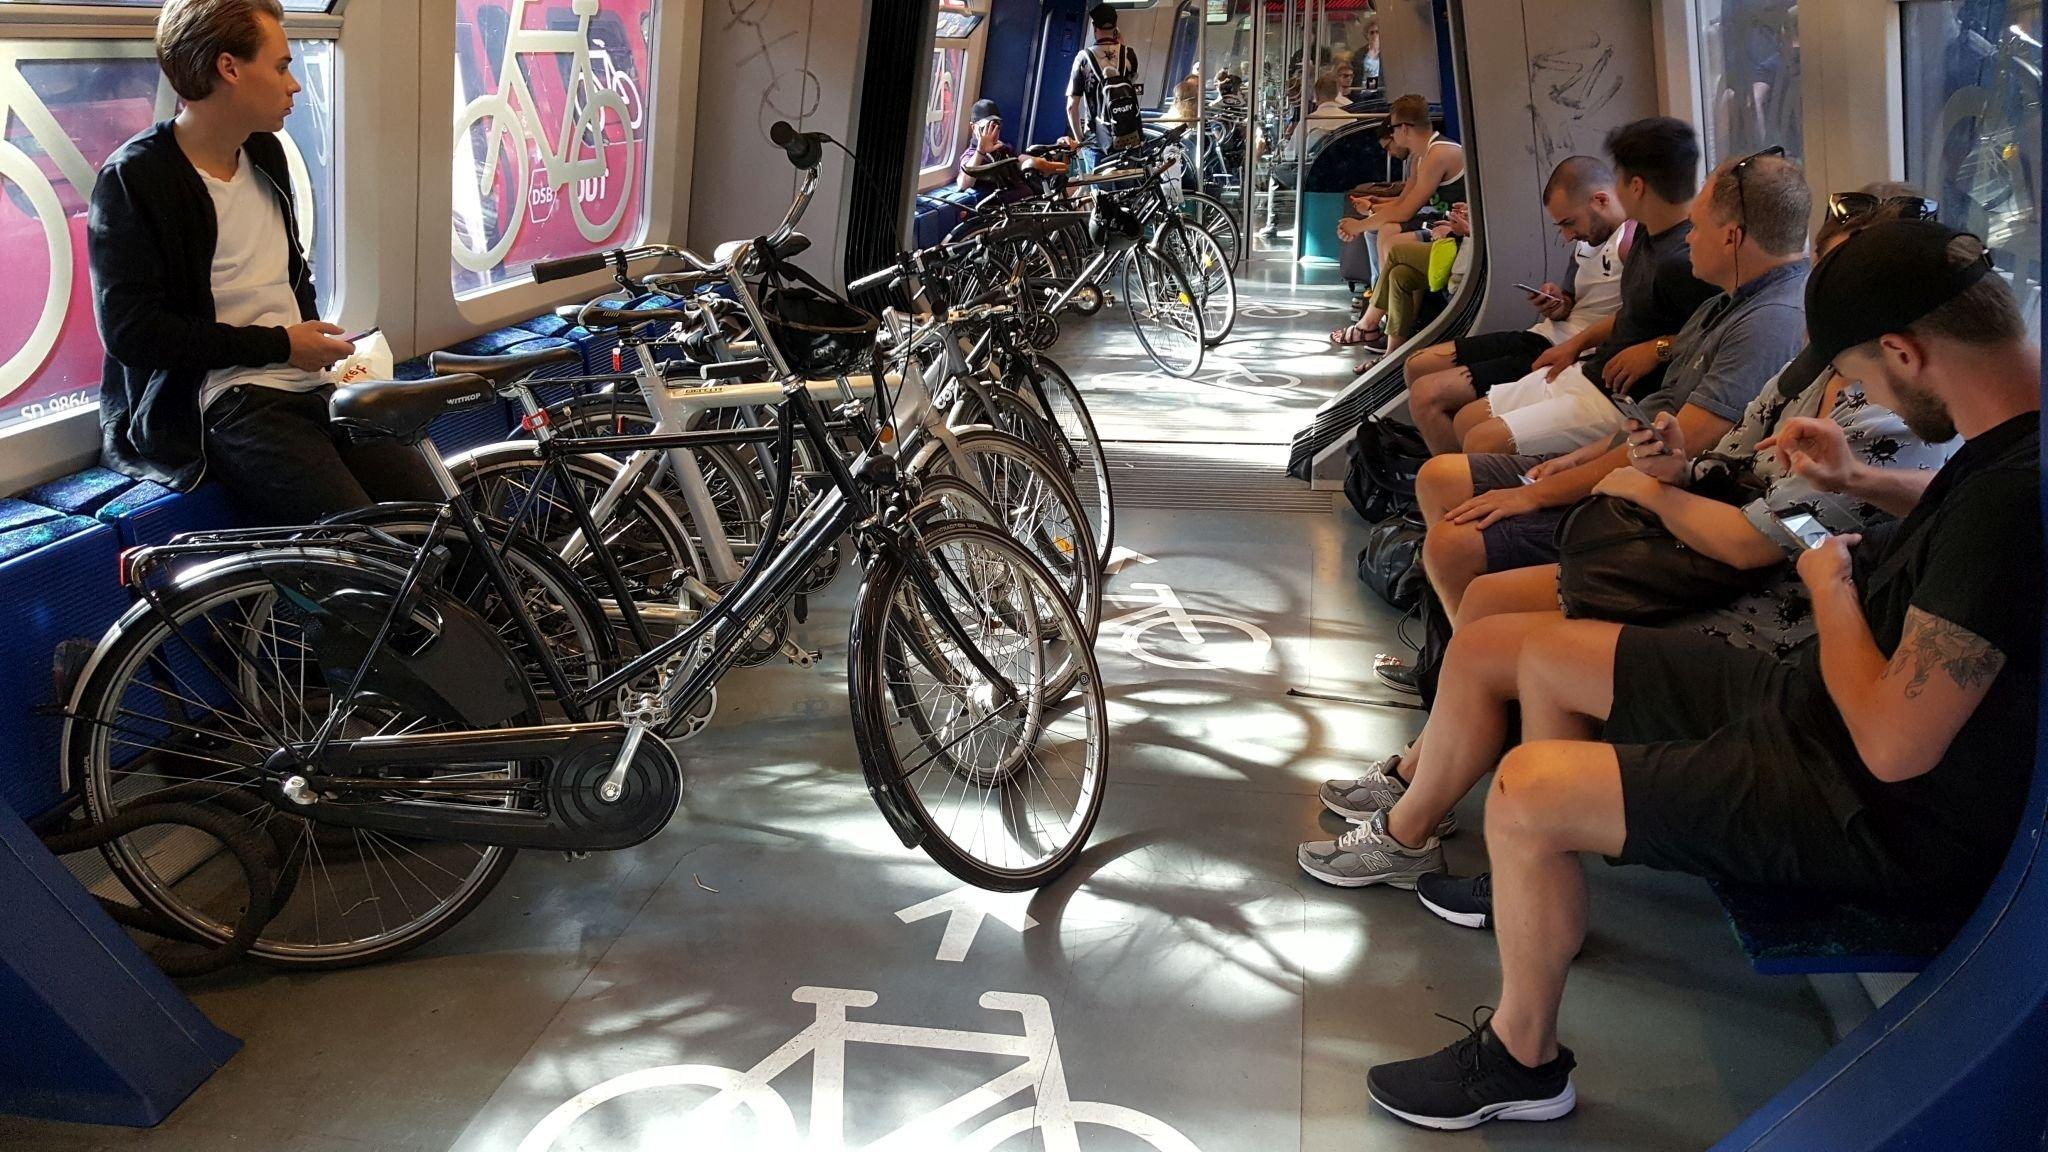 Zahlreiche Fahrräder in einem Waggon der Dänischen Bahn.